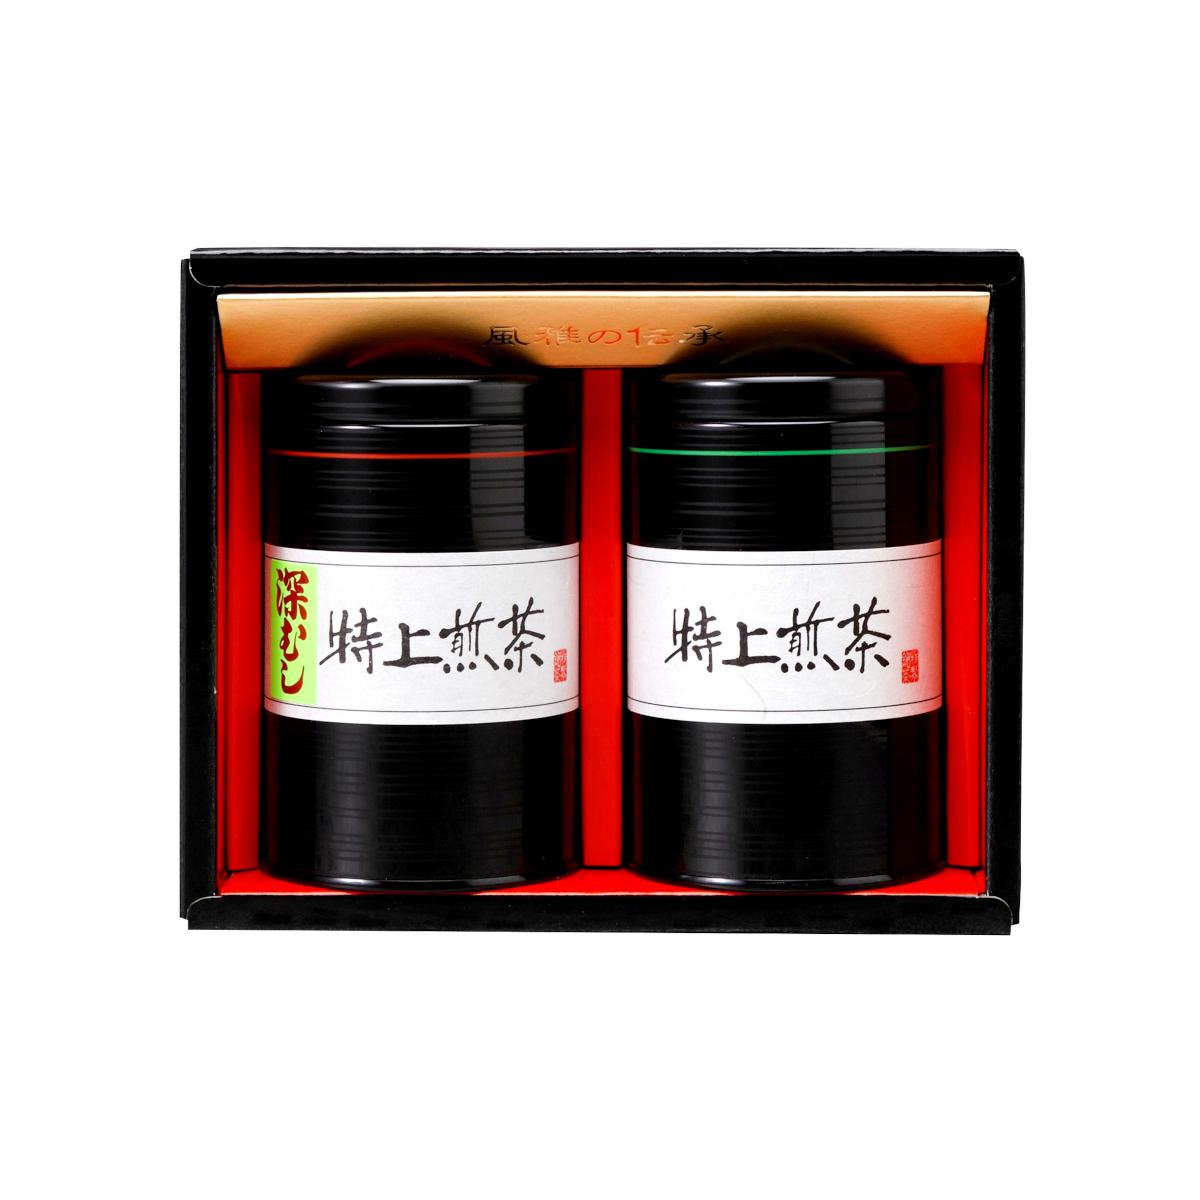 【G-245・ニフ】特上煎茶・深むし茶 120g×2缶ギフト